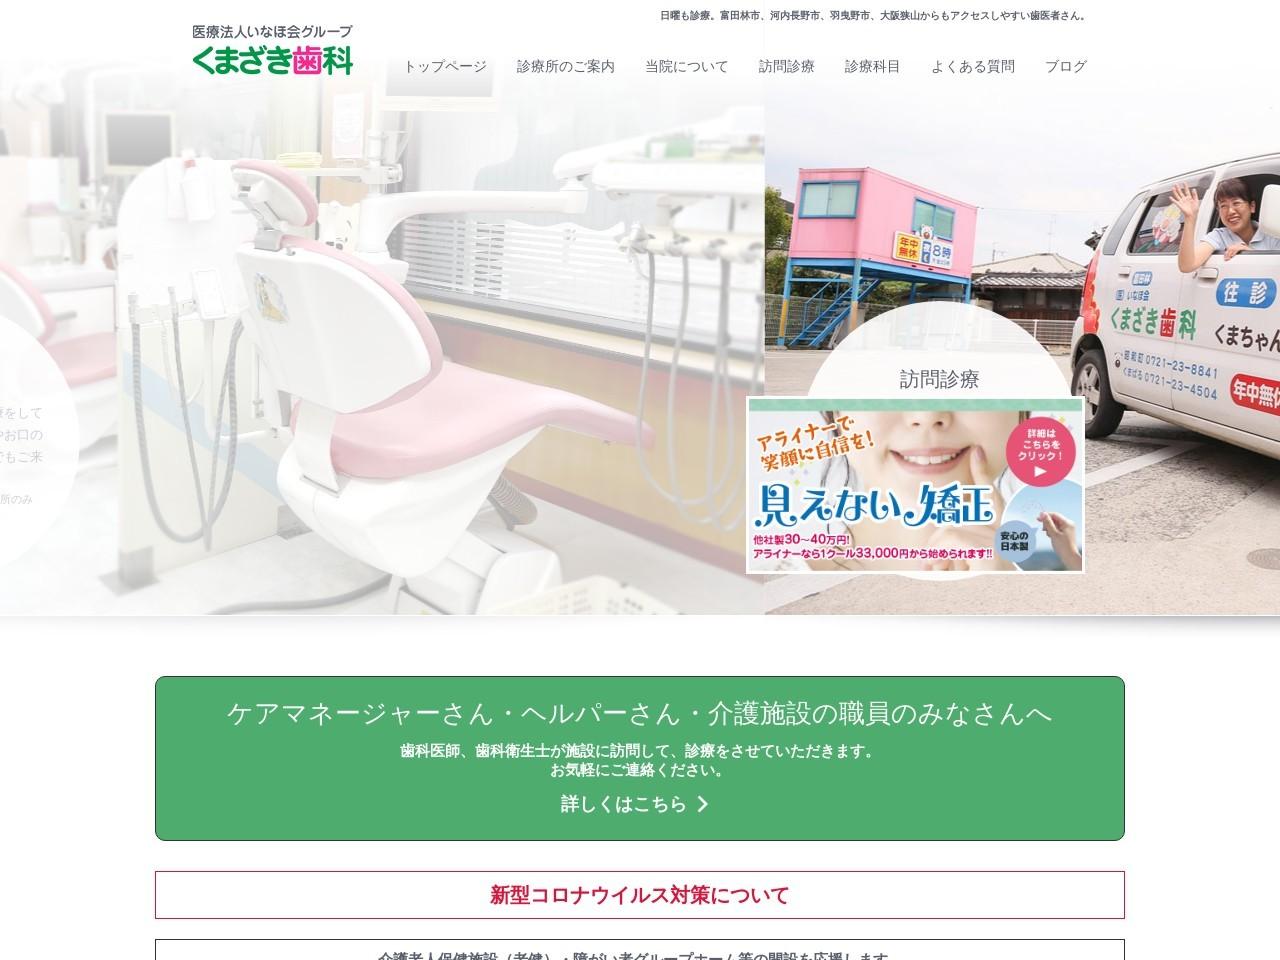 医療法人いなほ会  くまざき歯科昭和町診療所 (大阪府富田林市)